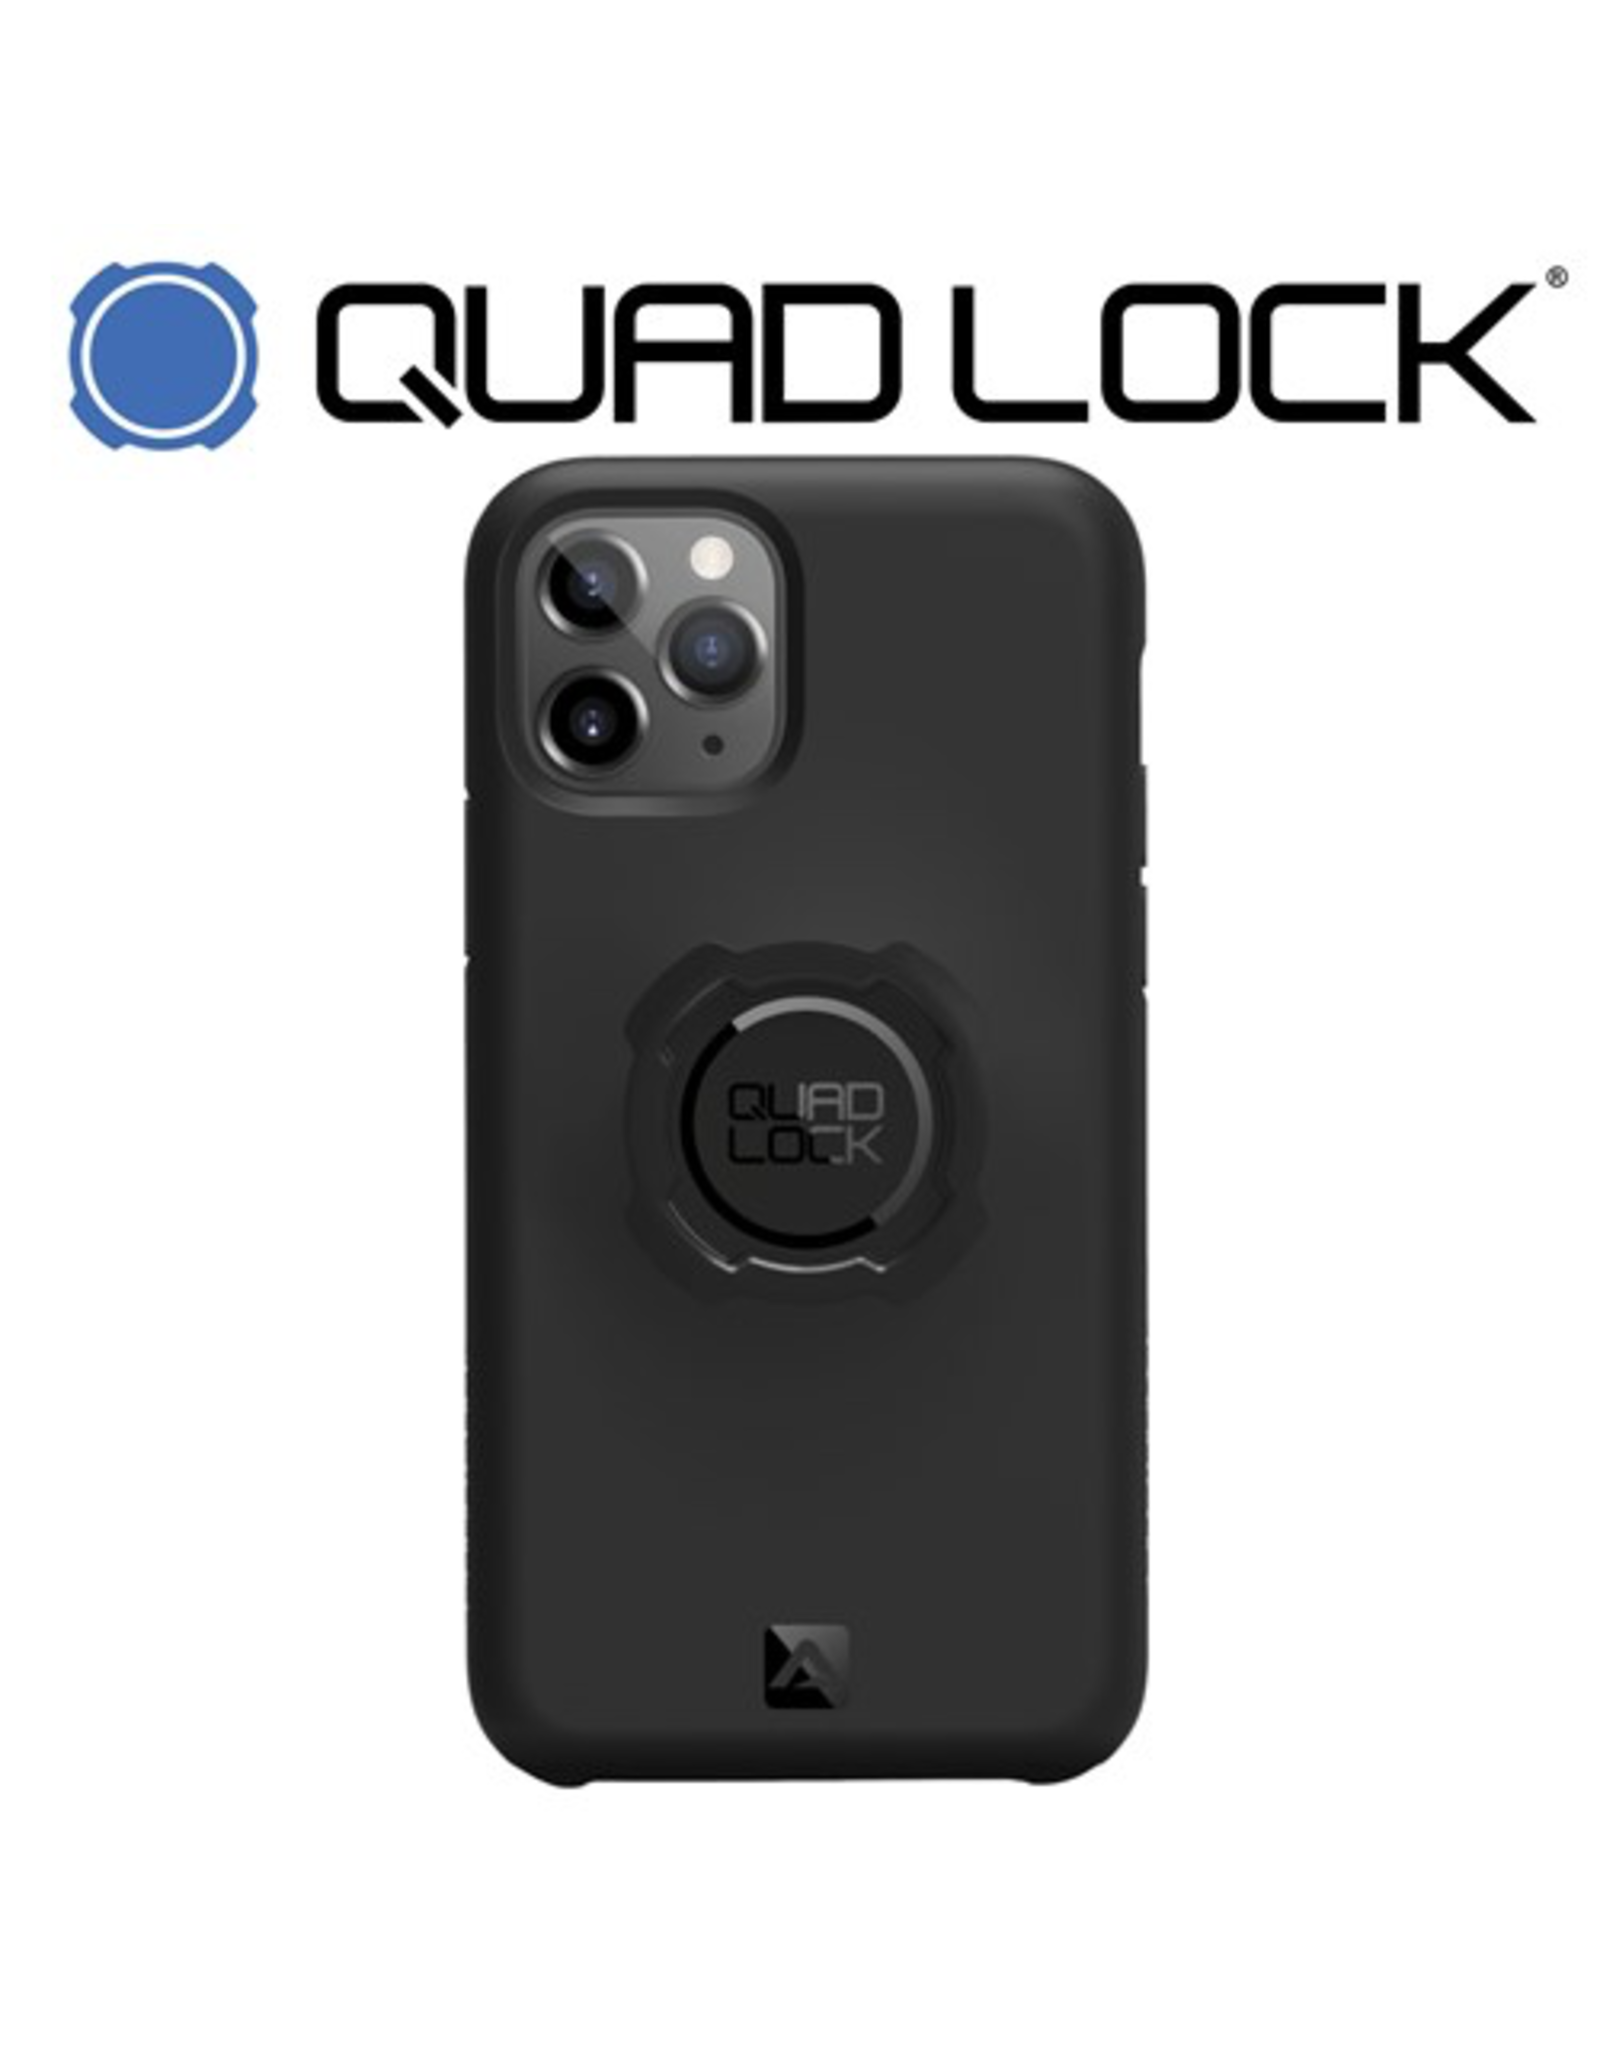 QUAD LOCK QUAD LOCK FOR iPHONE 11 PRO PHONE CASE